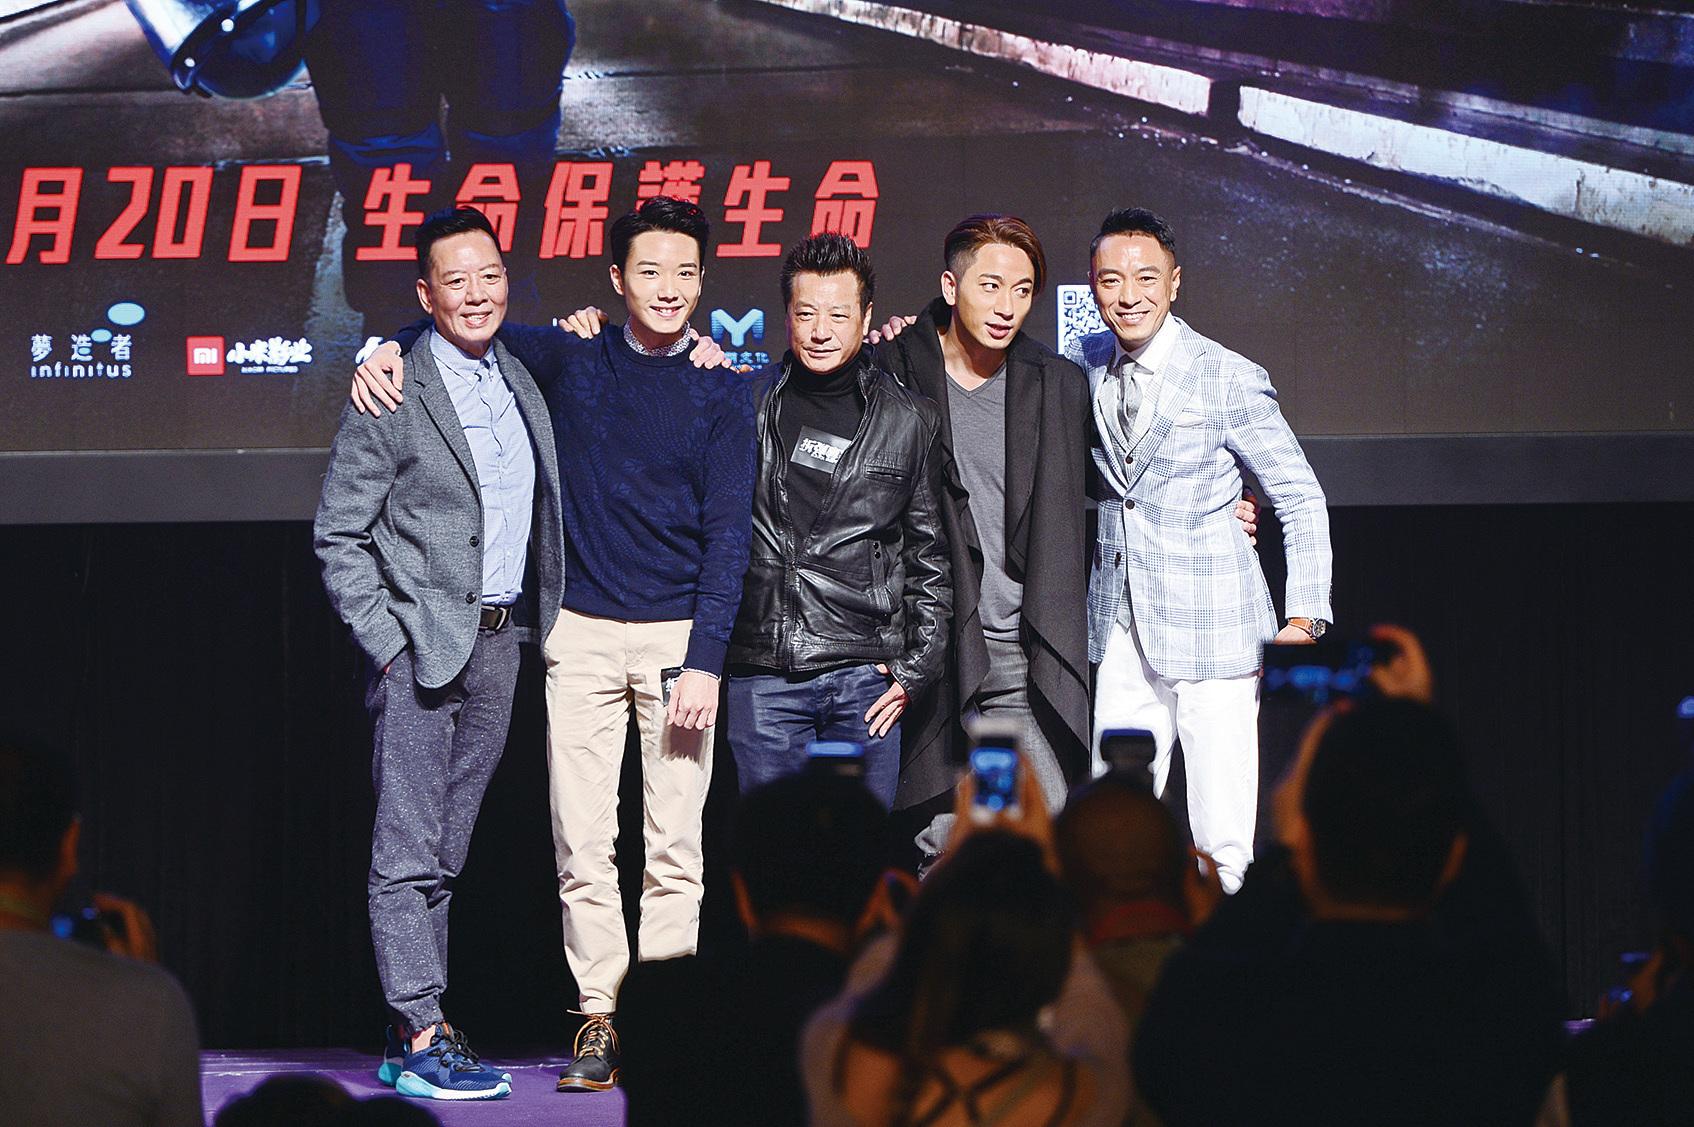 電影《拆彈專家》於香港國際影視展舉行發佈會。(宋碧龍/大紀元)